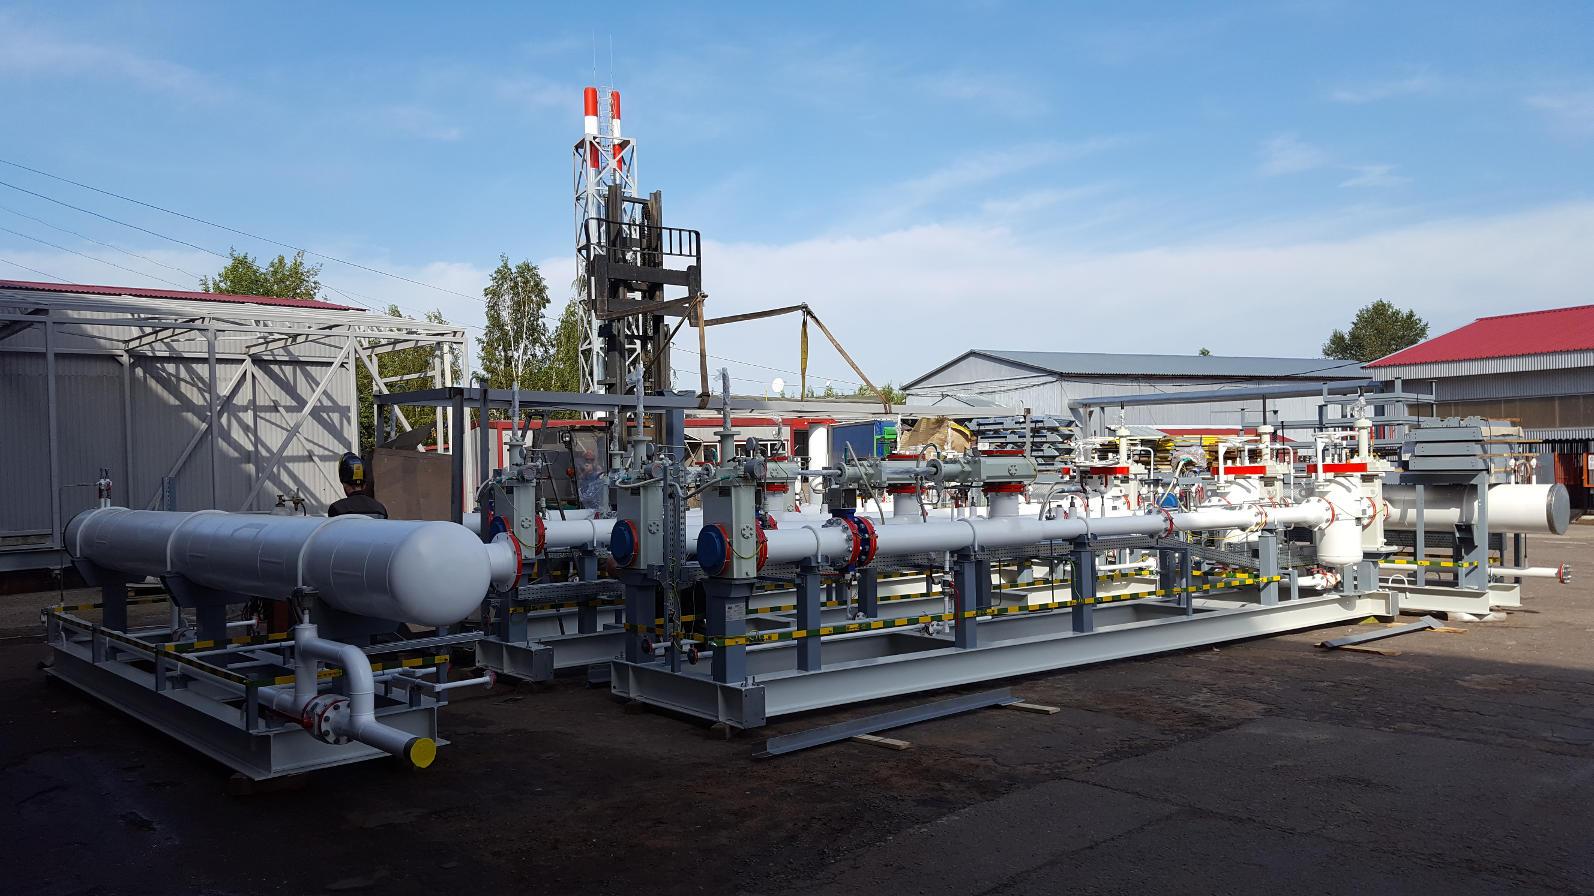 Техническая экспертиза нефтедобывающего оборудования